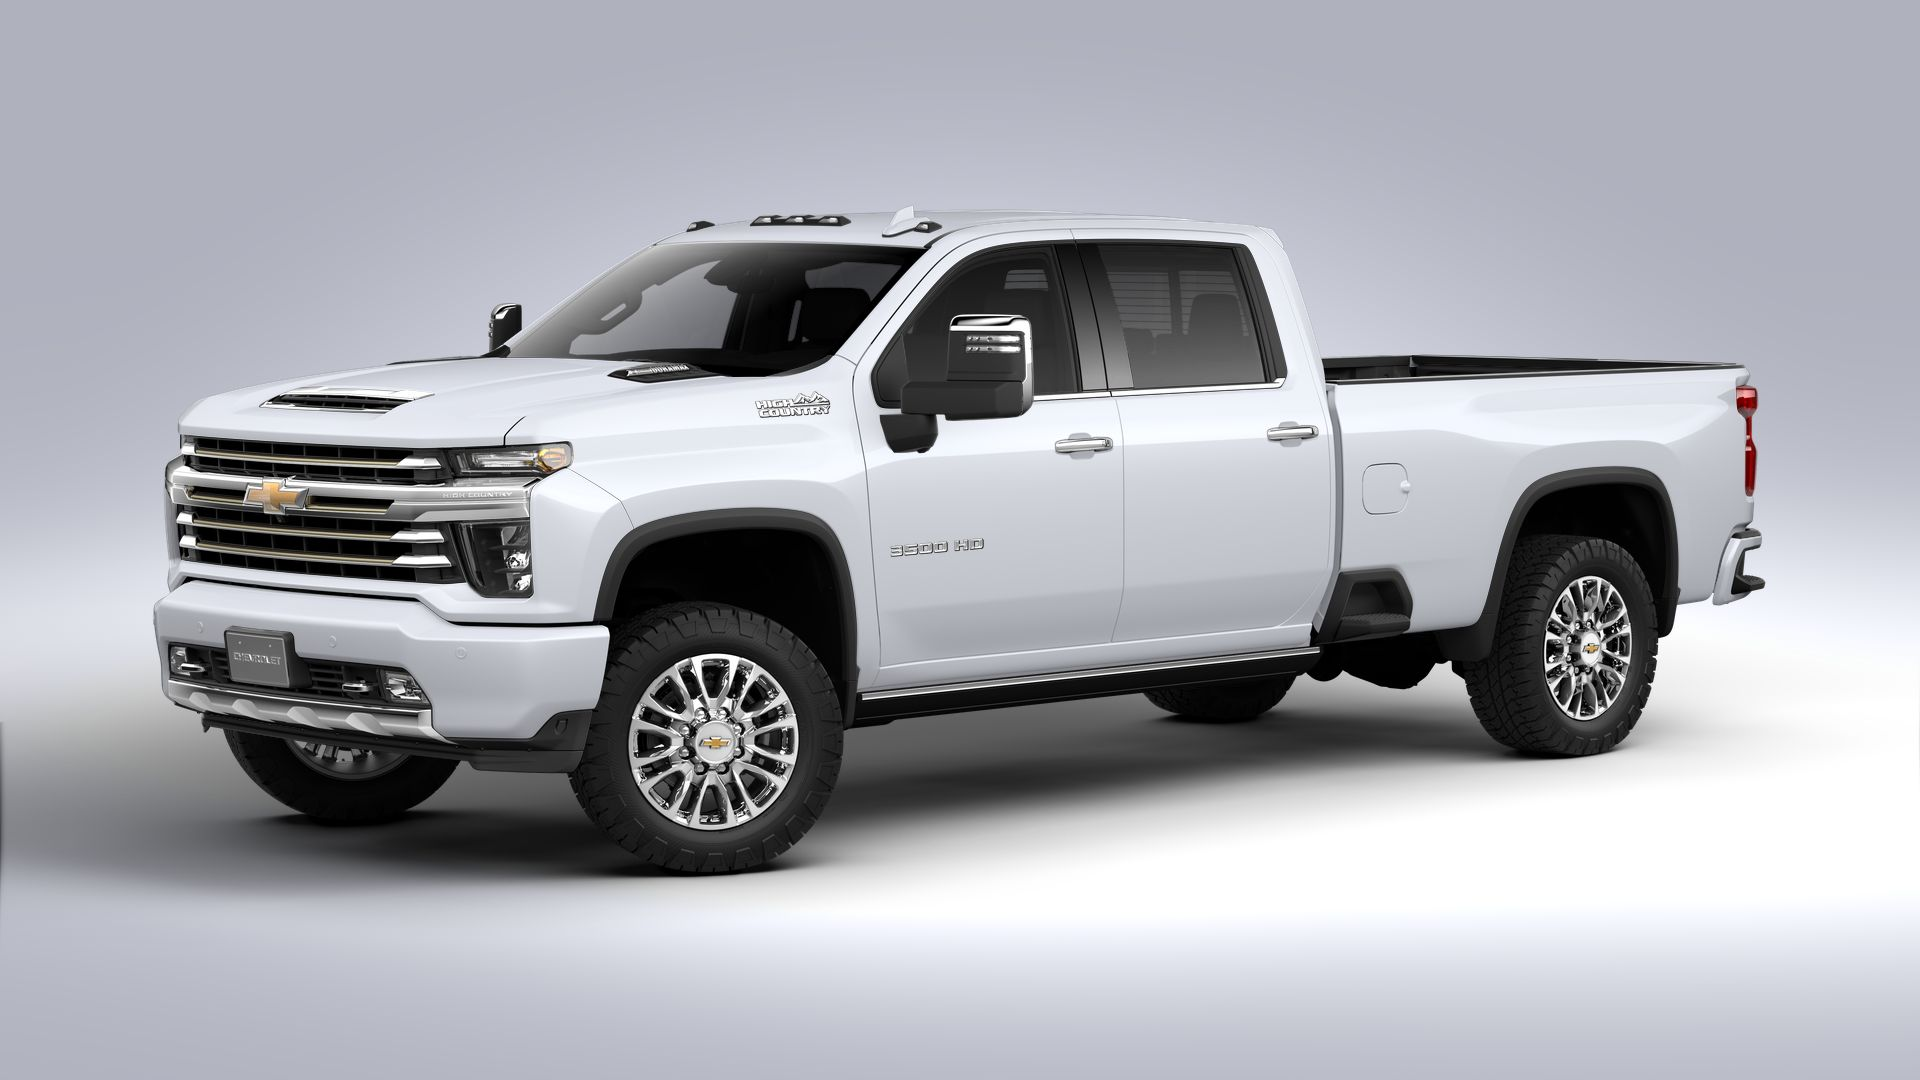 2022 Chevrolet Silverado 3500 HD Truck